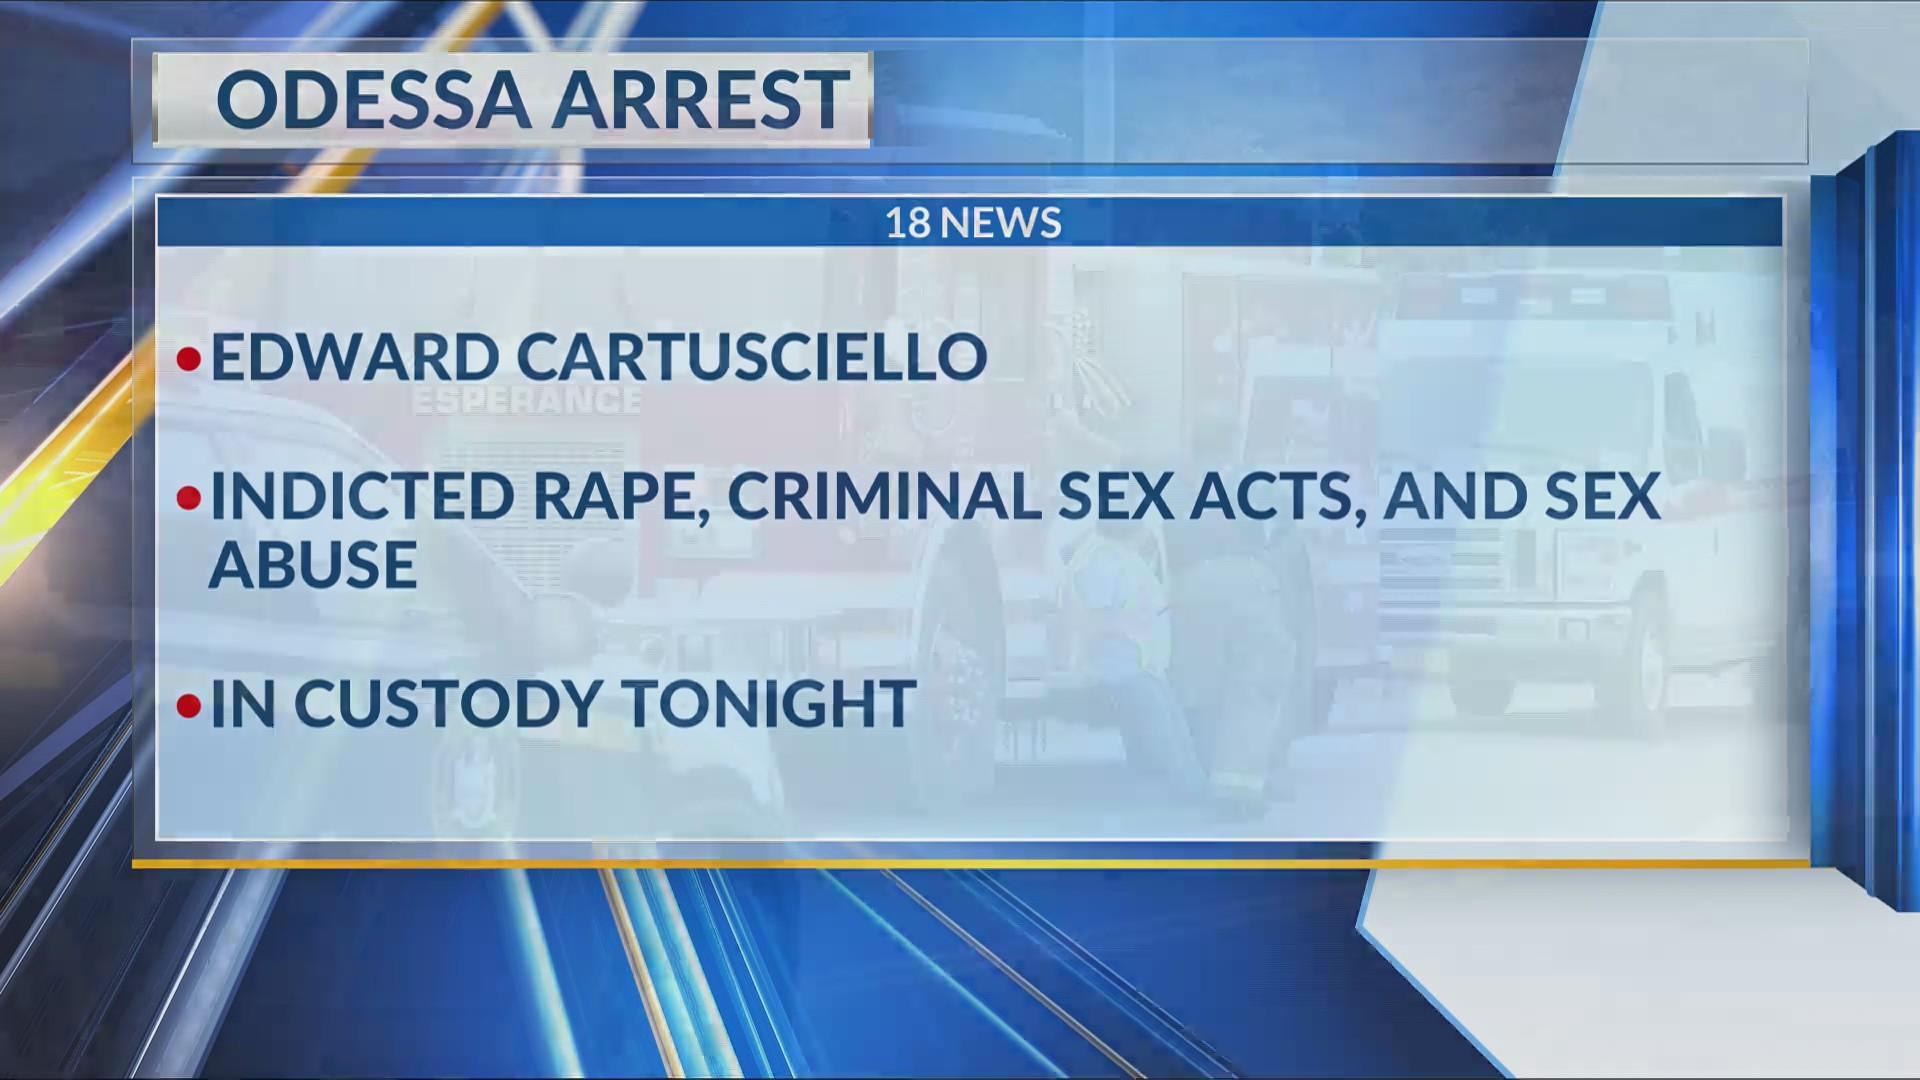 Odessa arrest